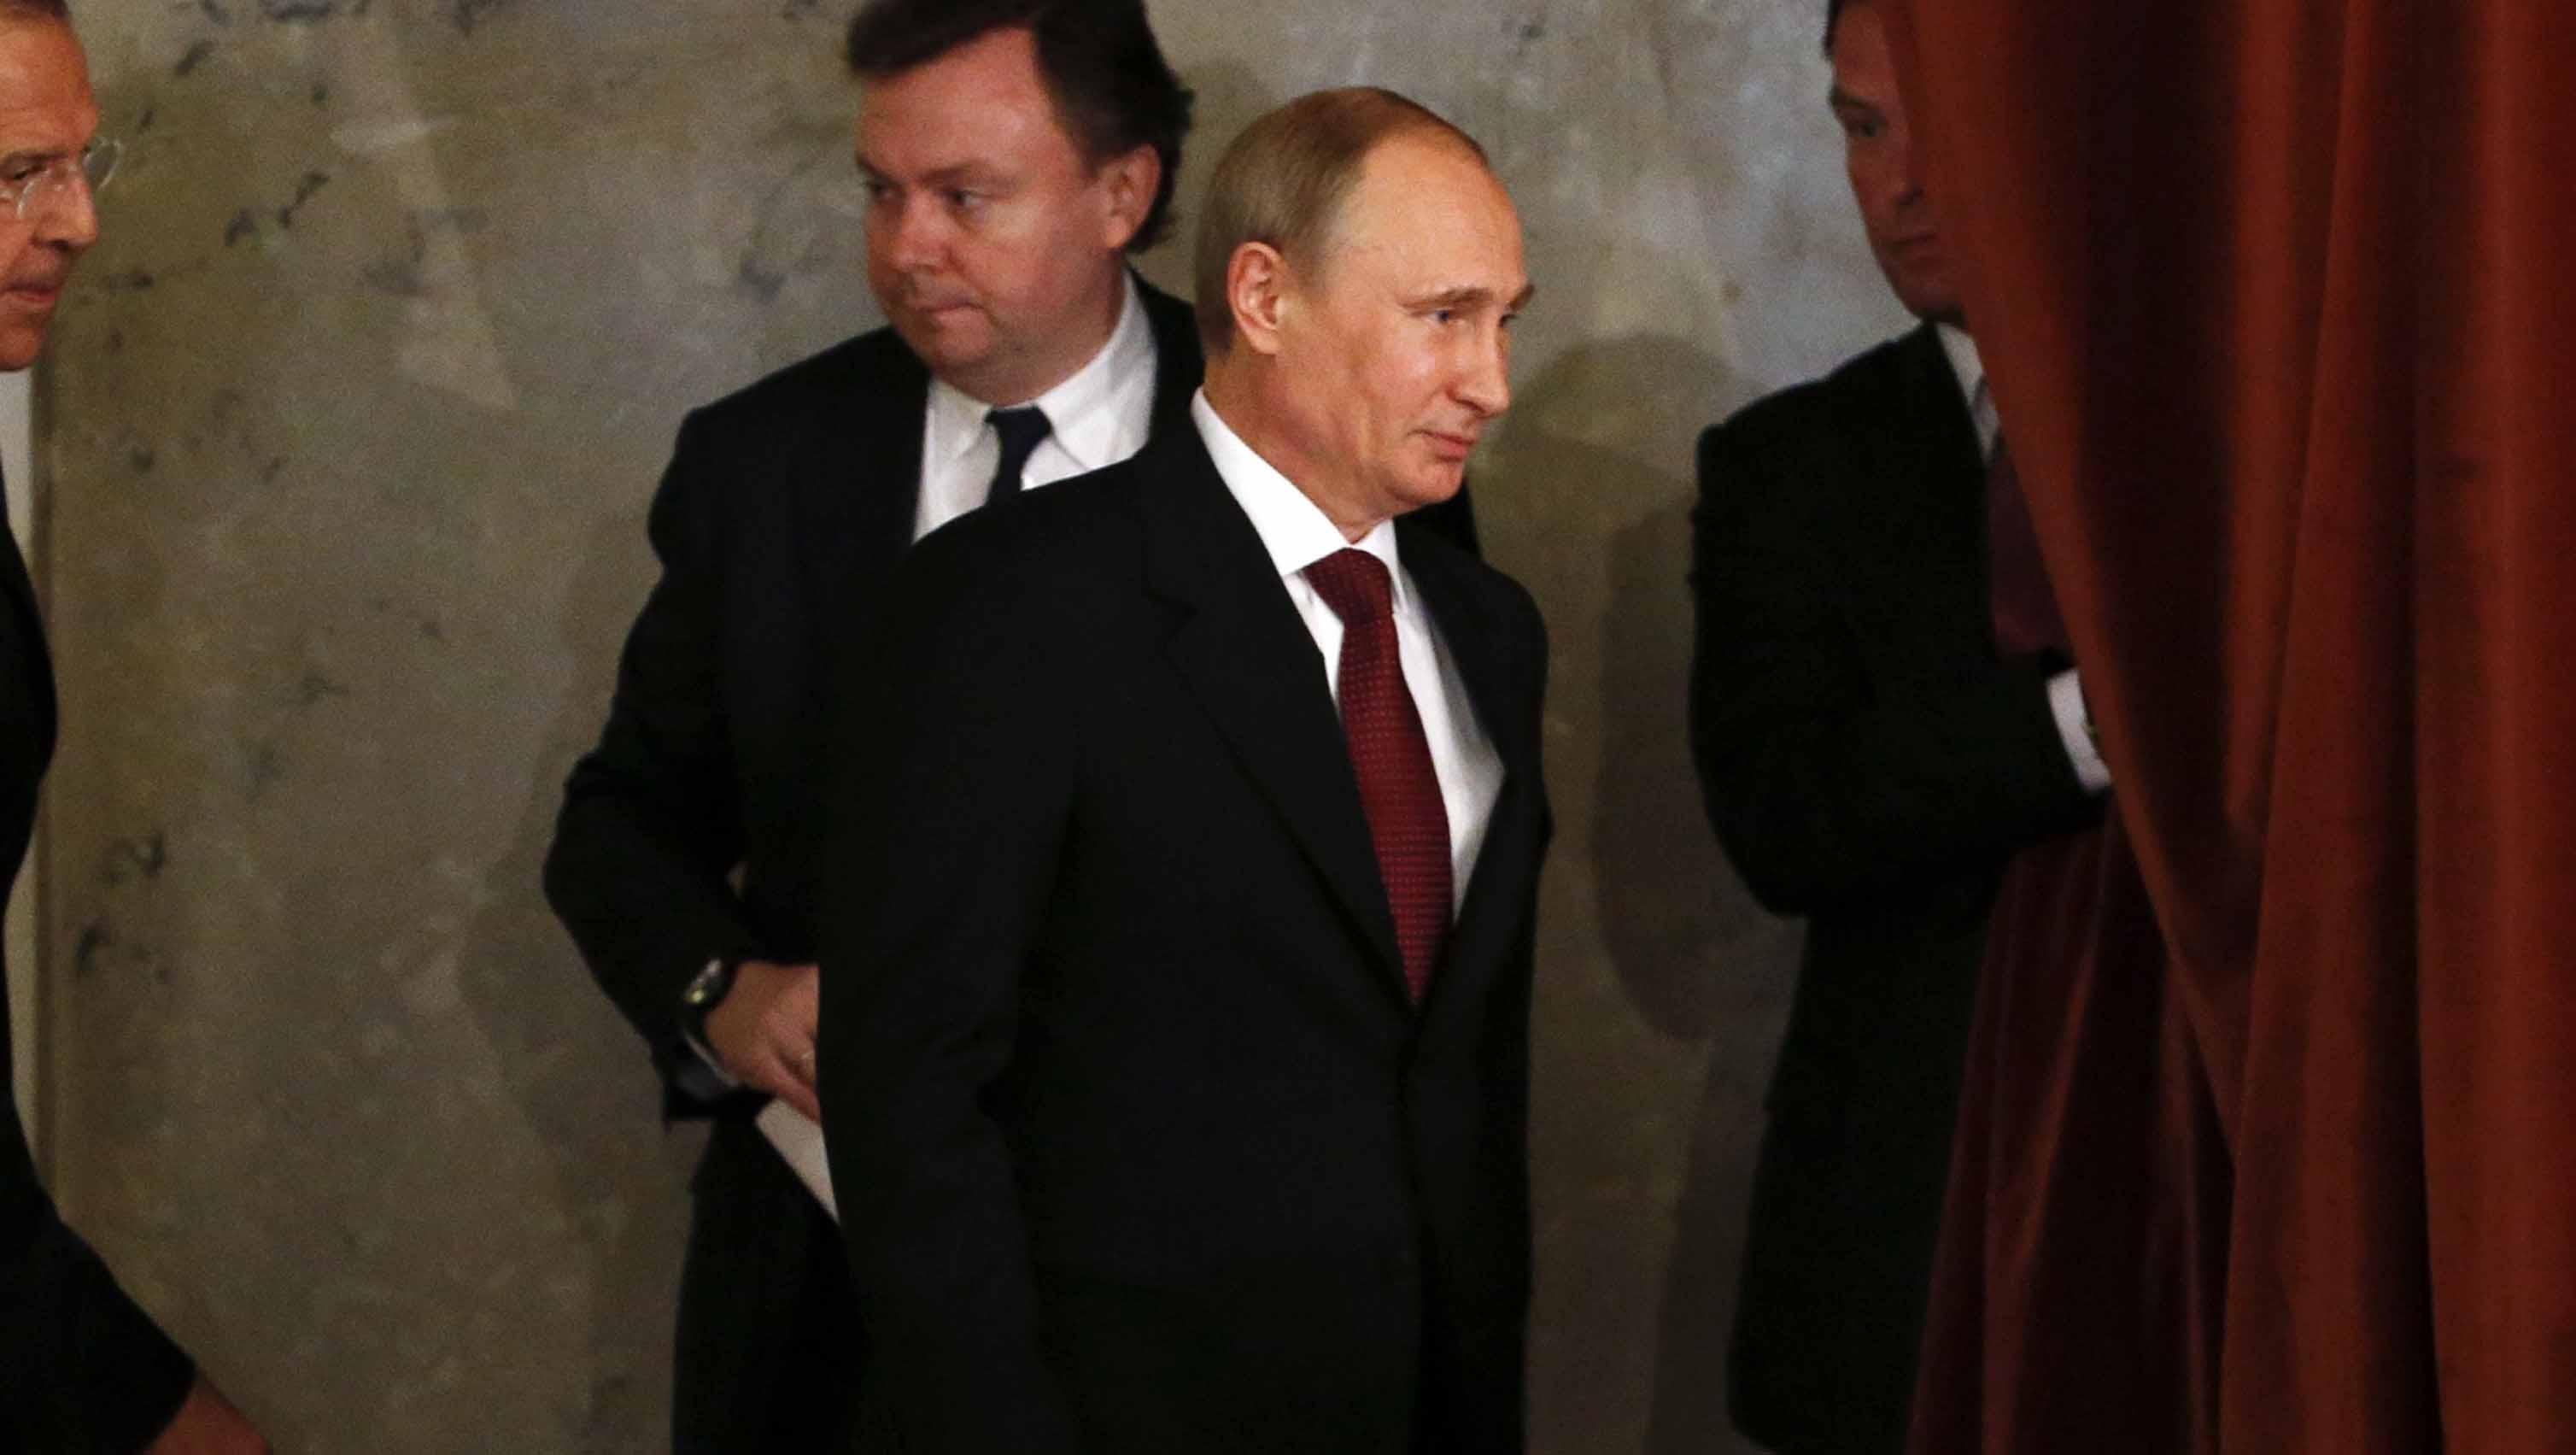 Republicanos absuelven a Donald Trump de posible colusión con Rusia